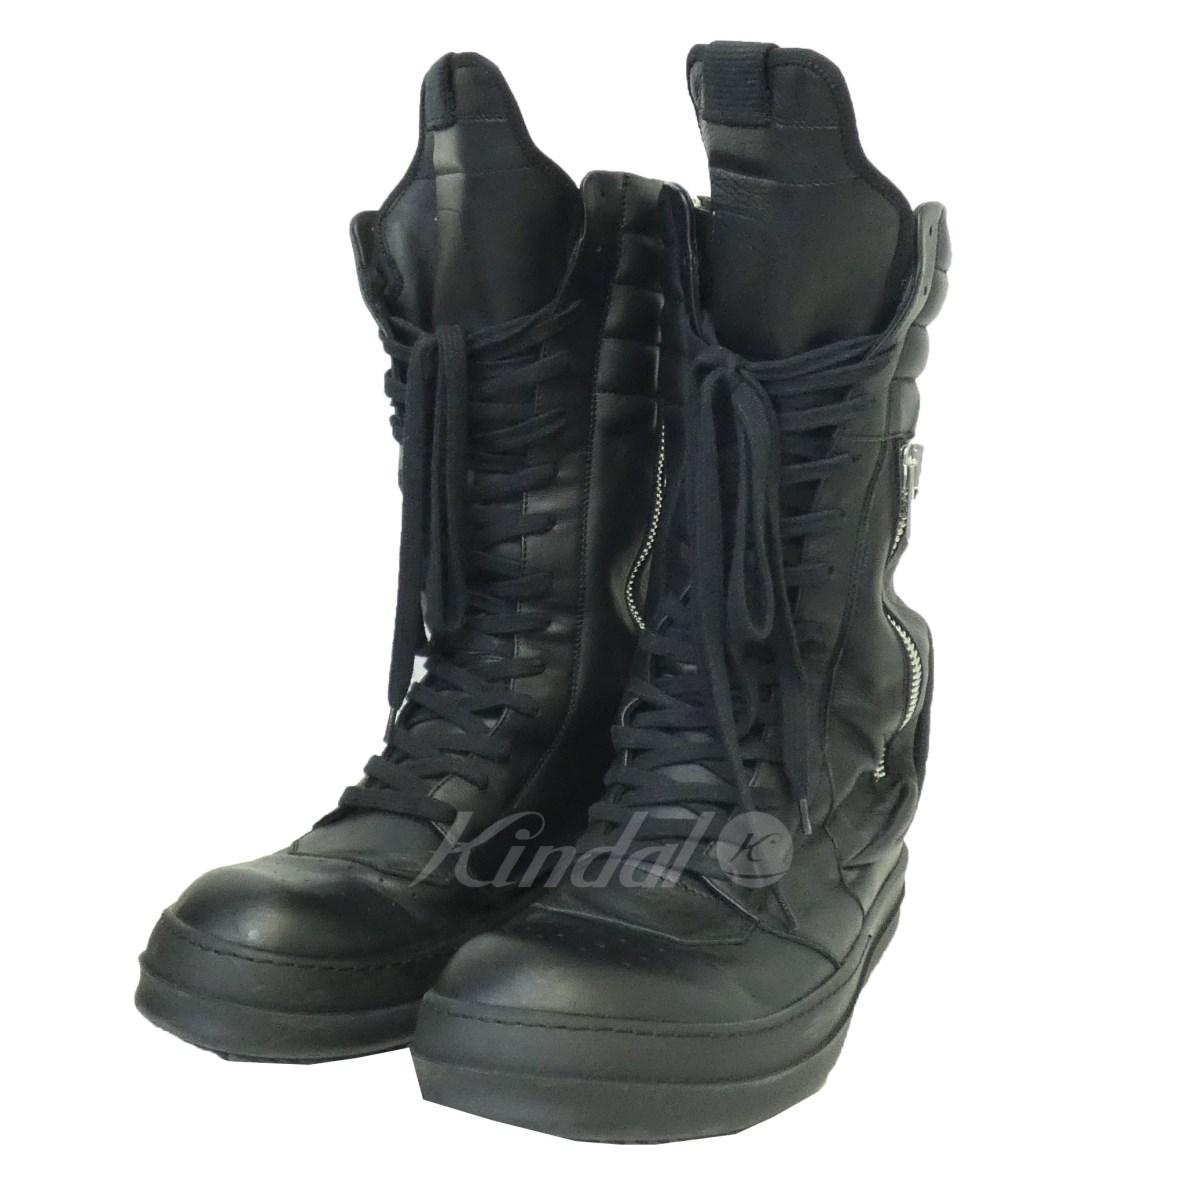 【中古】Rick Owens 15SS「CARGO BASKET BOOT」ハイカットスニーカー ブラック サイズ:41 1/2 【送料無料】 【050918】(リックオウエンス)